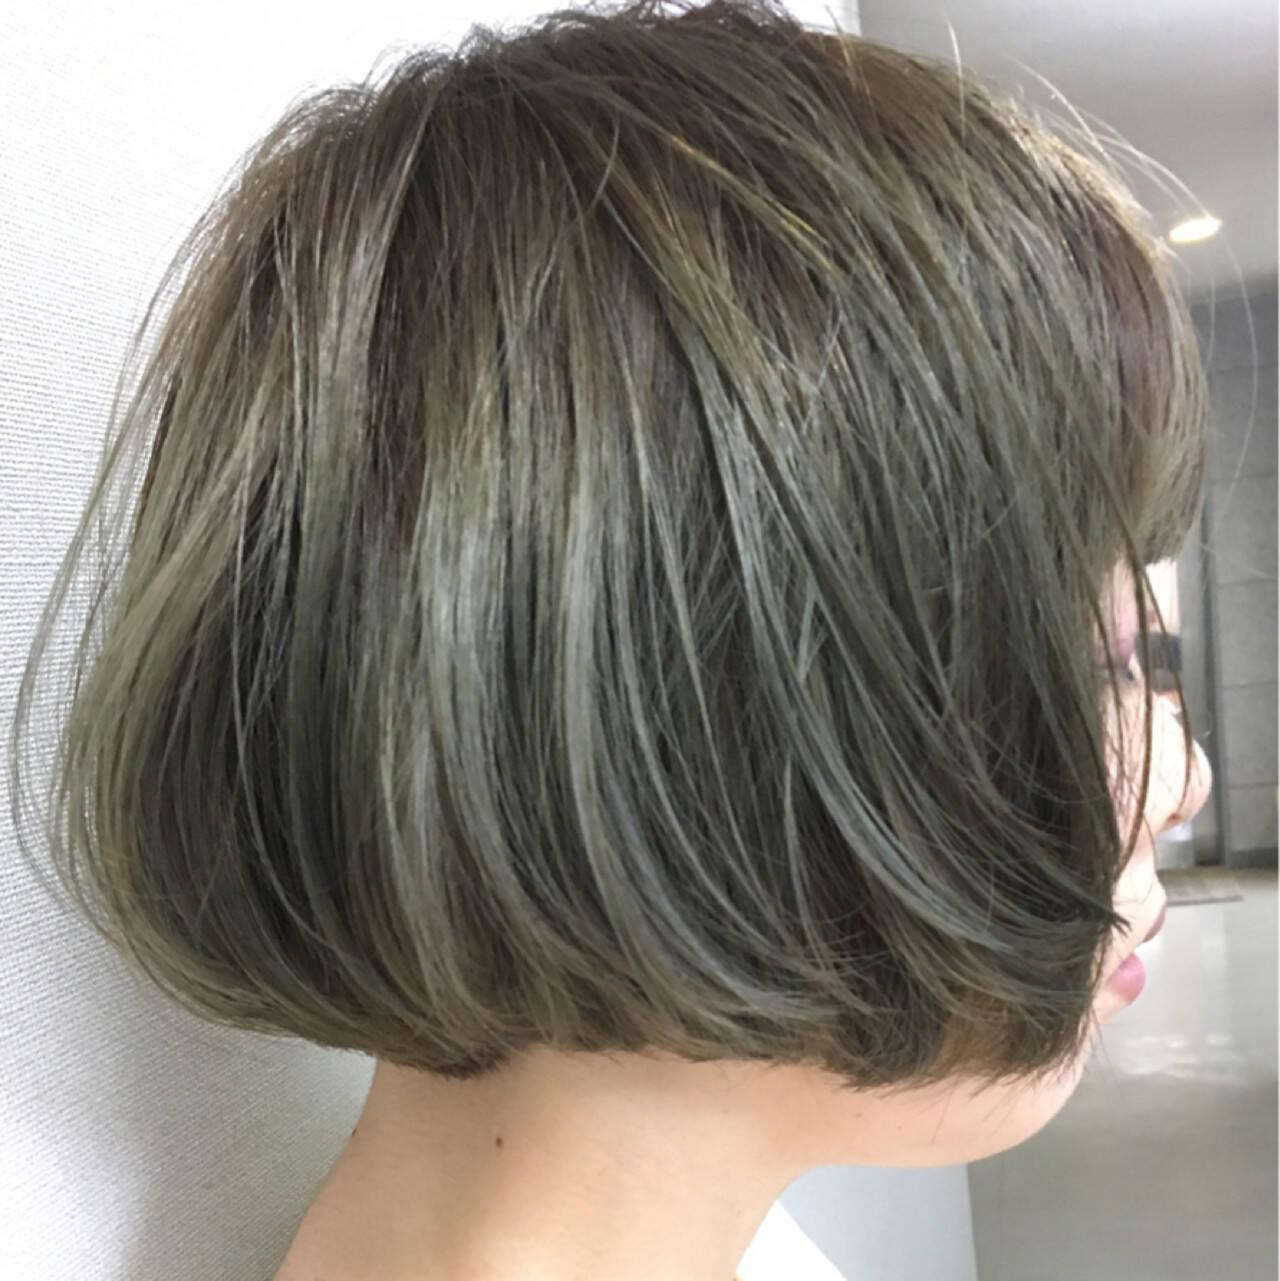 アッシュグレージュ ワンカール アッシュ ガーリーヘアスタイルや髪型の写真・画像